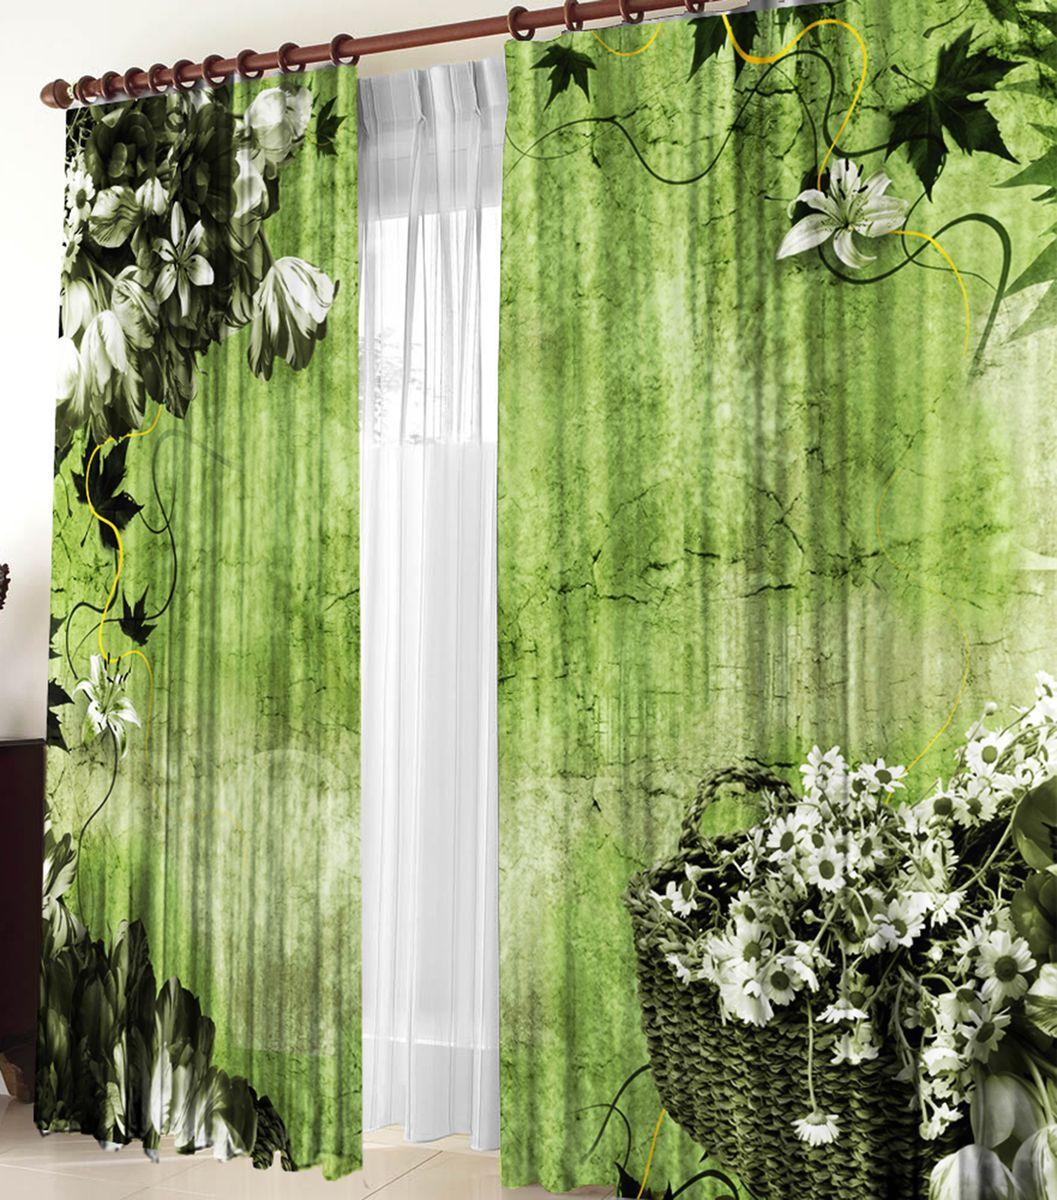 Комплект фотоштор Zlata Korunka Оливия, на ленте, высота 270 см21157Комплект фотоштор Zlata Korunka изготовлен из габардиновой ткани высочайшего качества. Фотошторы способны не пропускать самый яркий свет, их можно гладить и стирать. Рекомендации по уходу: бережная стирка при 30°С, деликатный отжим, отбеливание запрещено, гладить при температуре не более 150°С. Светопоглощение 70%. Плотность ткани: 150 г/м2. Оттенок изделия может отличаться от представленного на сайте в силу особенностей цветопередачи фототехники и вашего монитора.